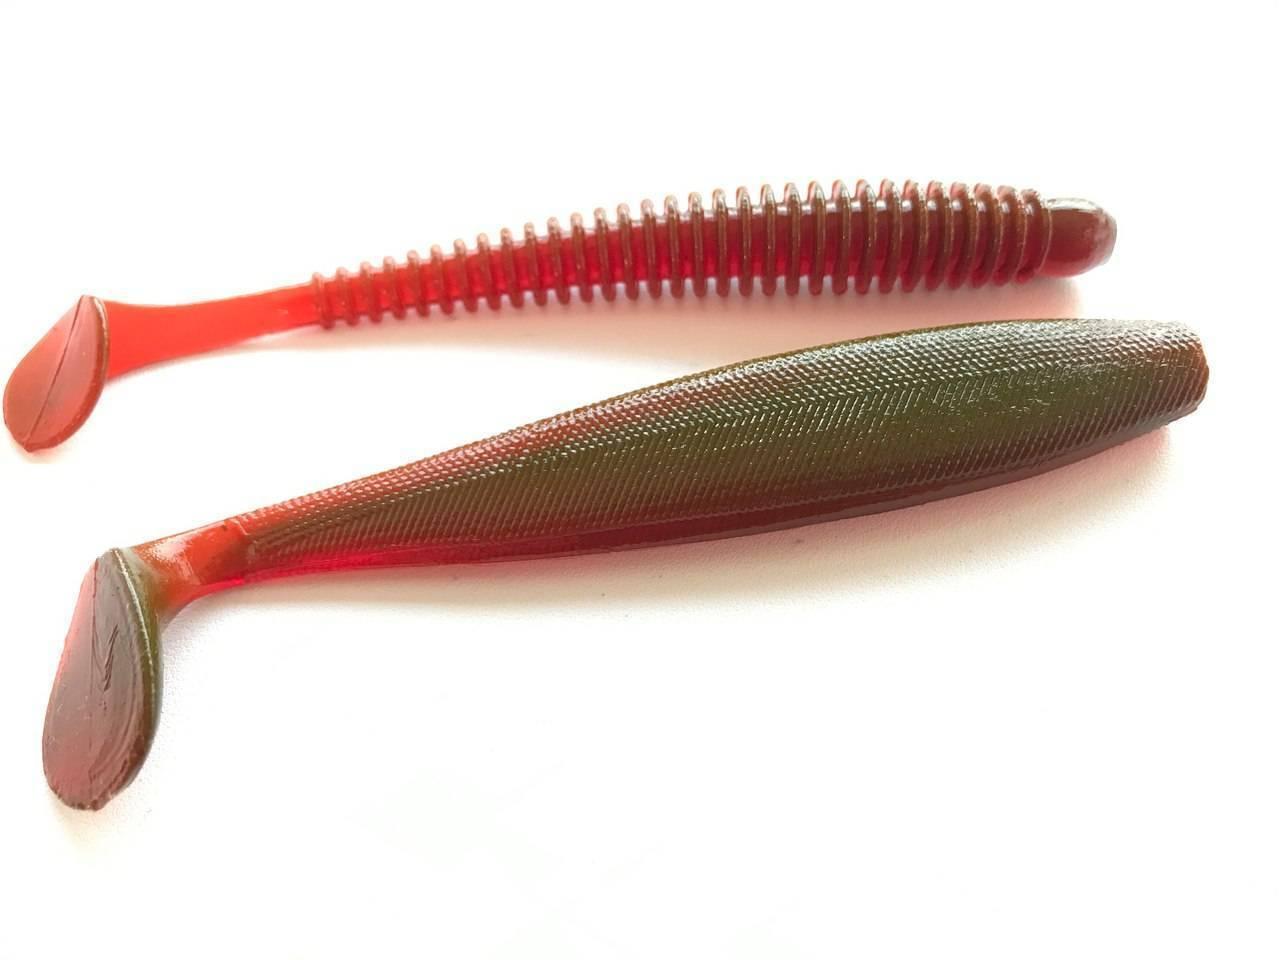 Какие силиконовые приманки лучше купить. рейтинг уловистых съедобных силиконок на окуня и щуку | про рыбалку - секреты рыбной ловли